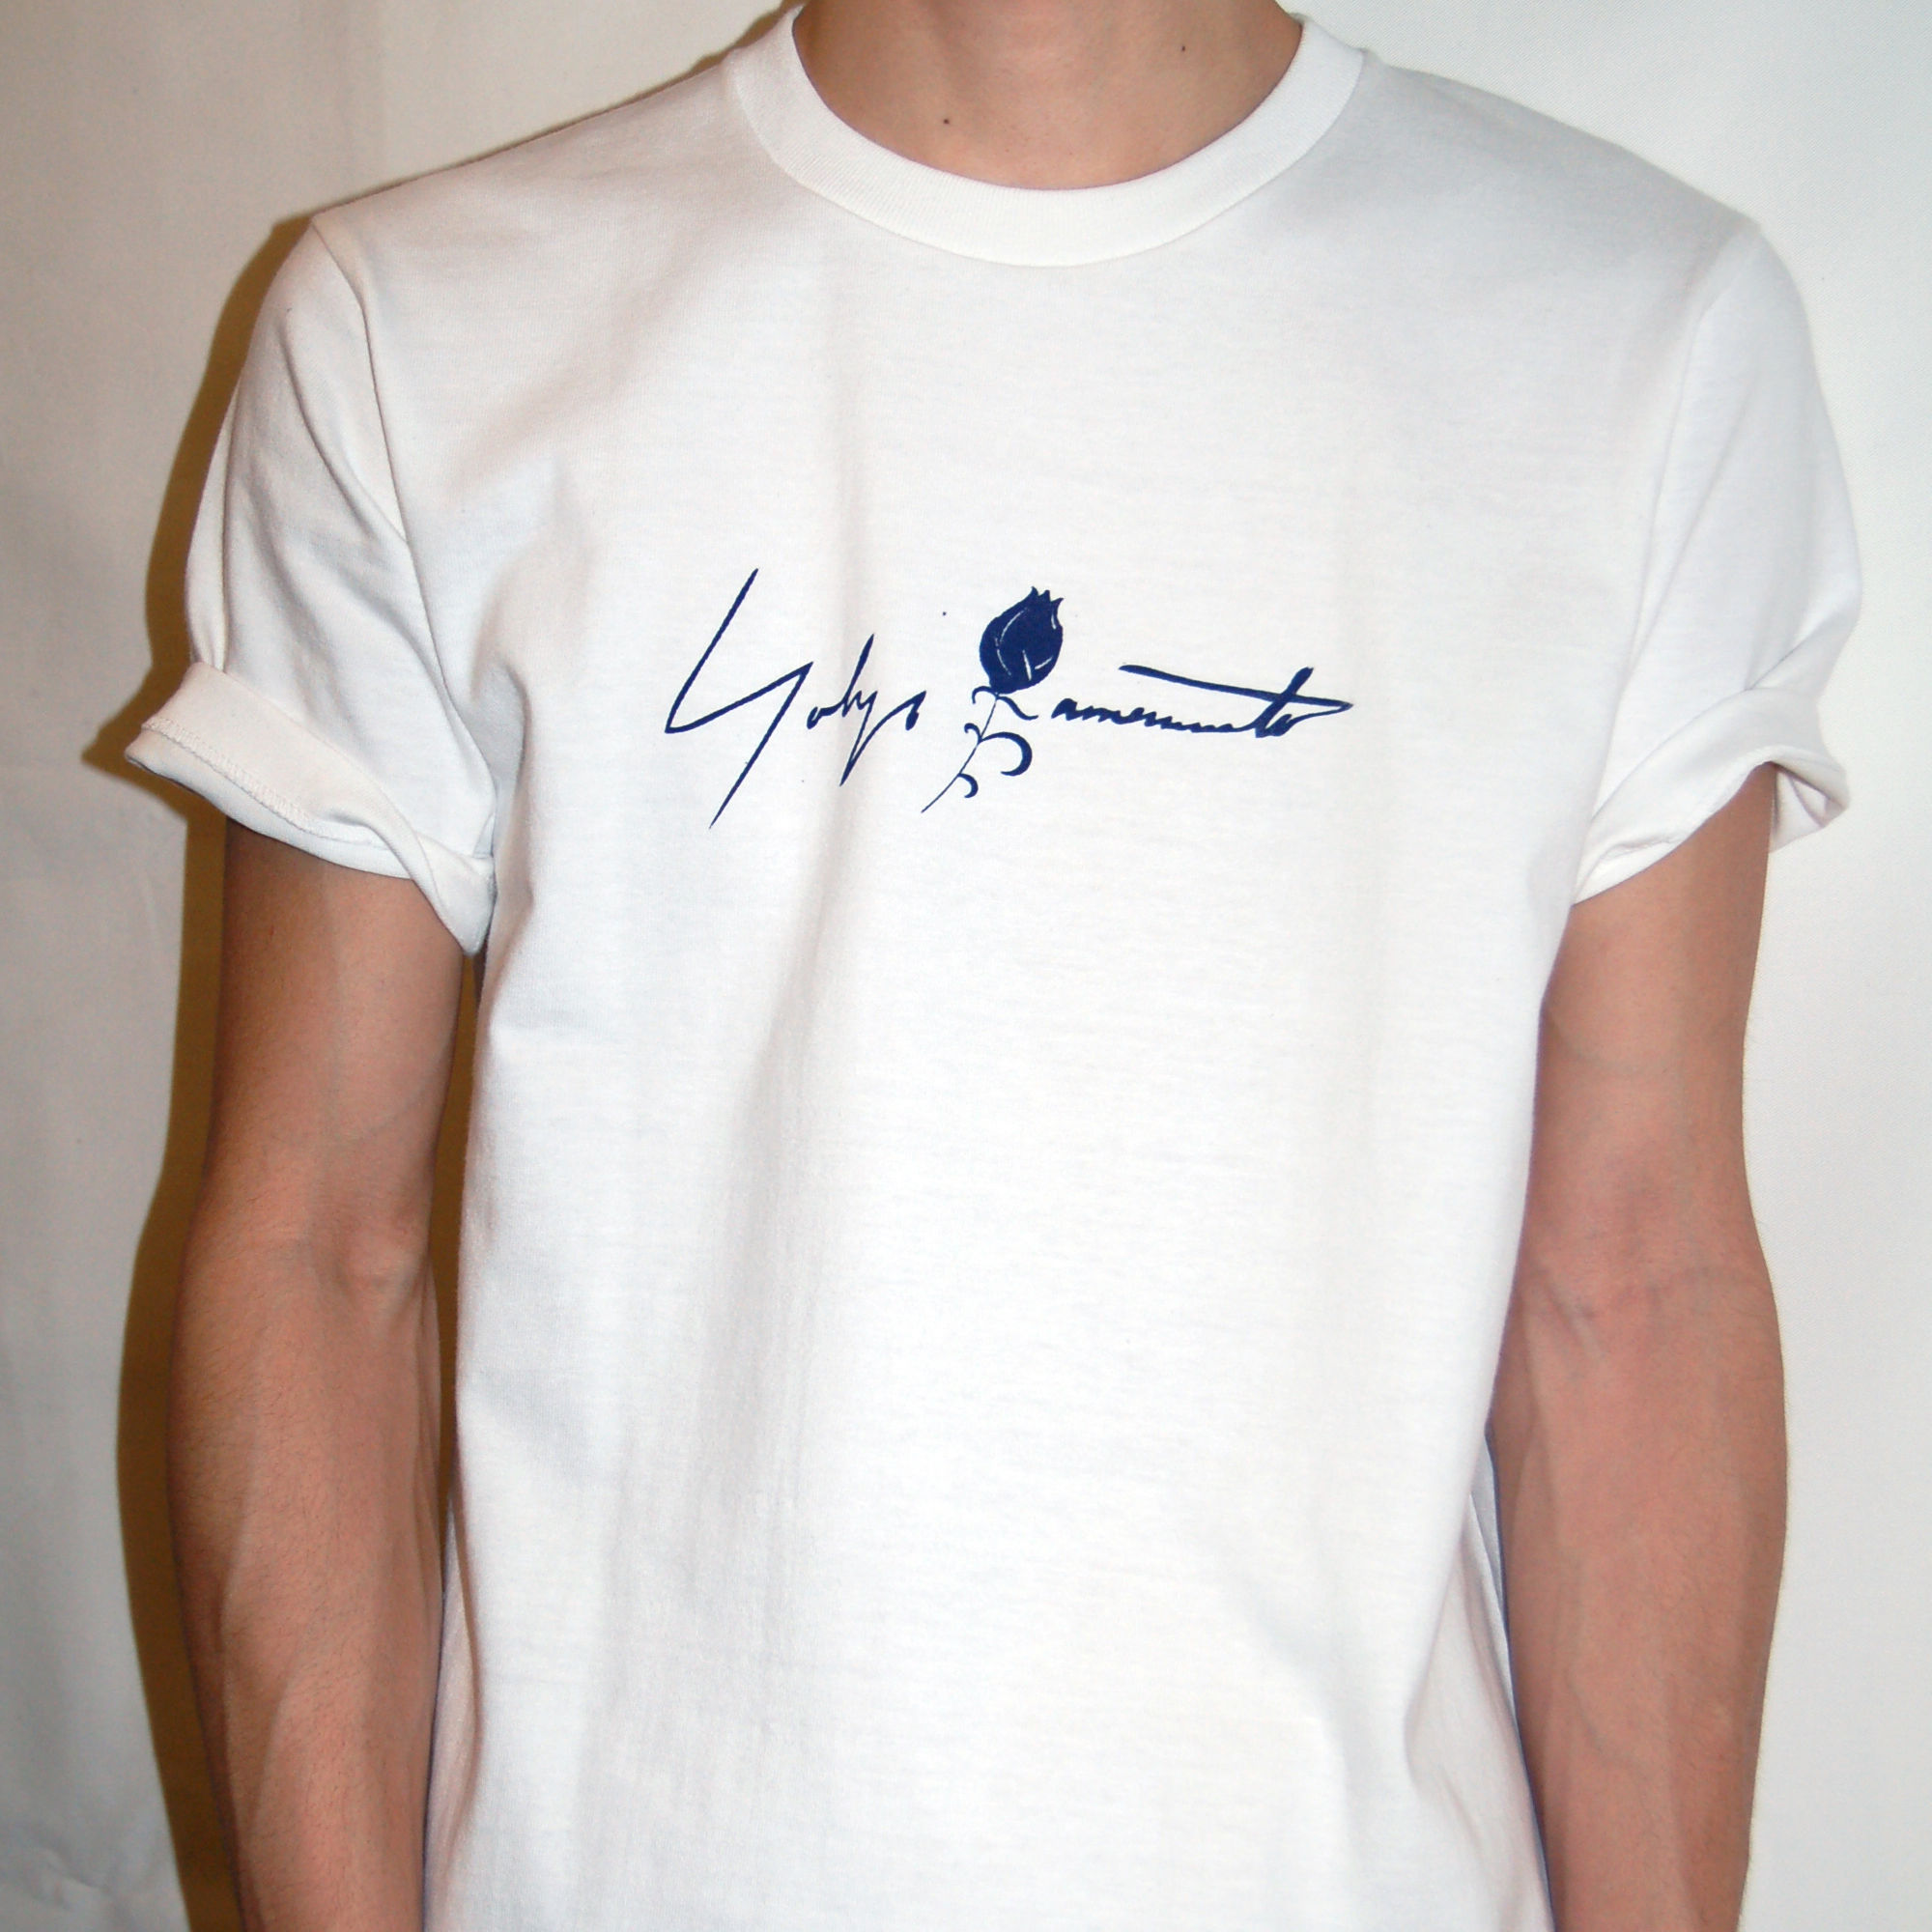 Yohji Yamamoto Parody T-shirts